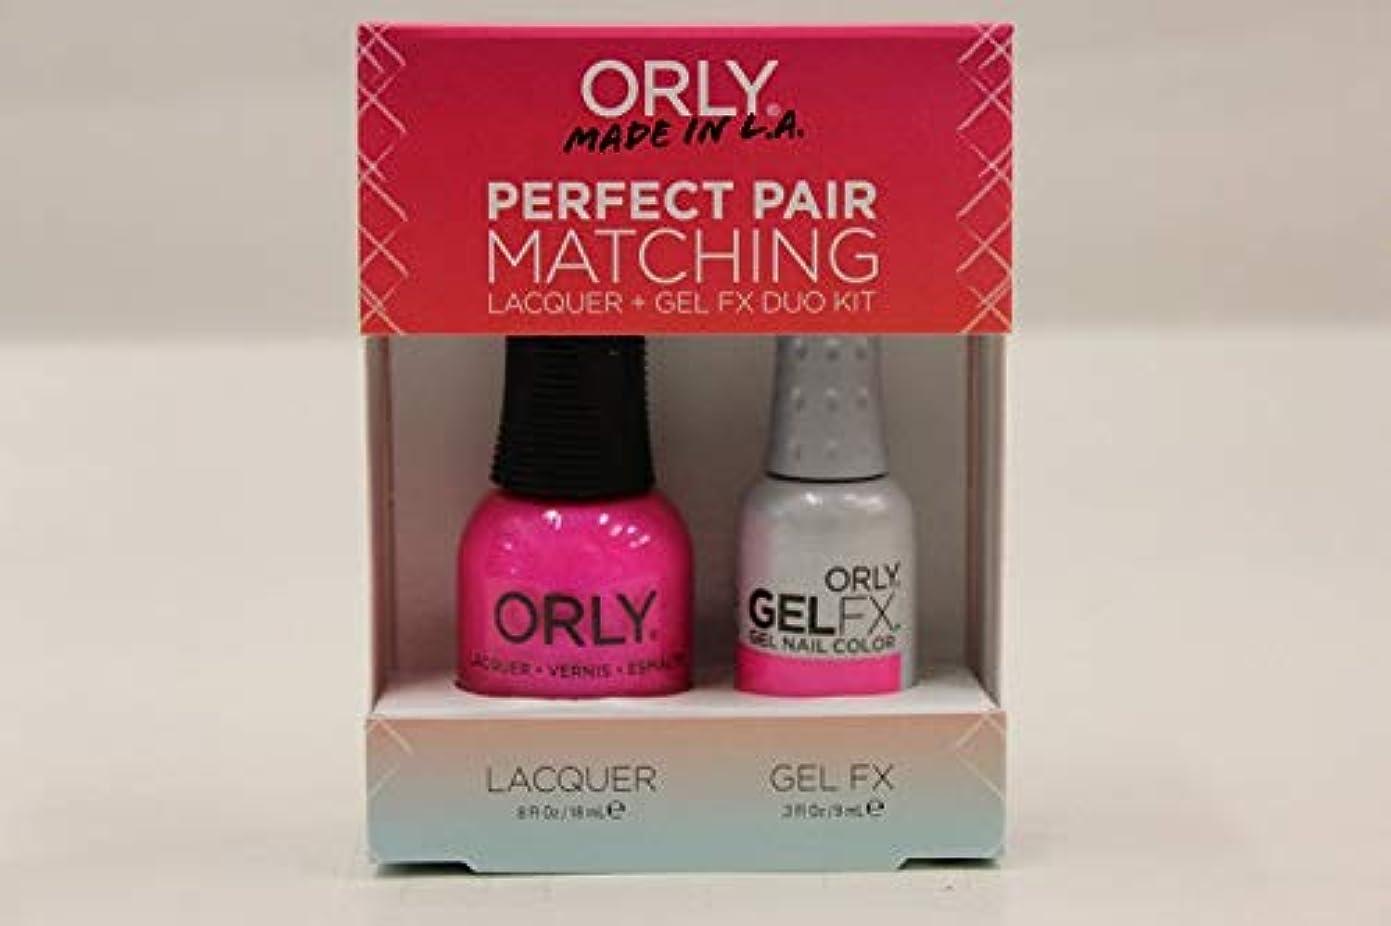 苦味仕える刑務所Orly Nail Lacquer + Gel FX - Perfect Pair Matching DUO - Oh Cabana Boy